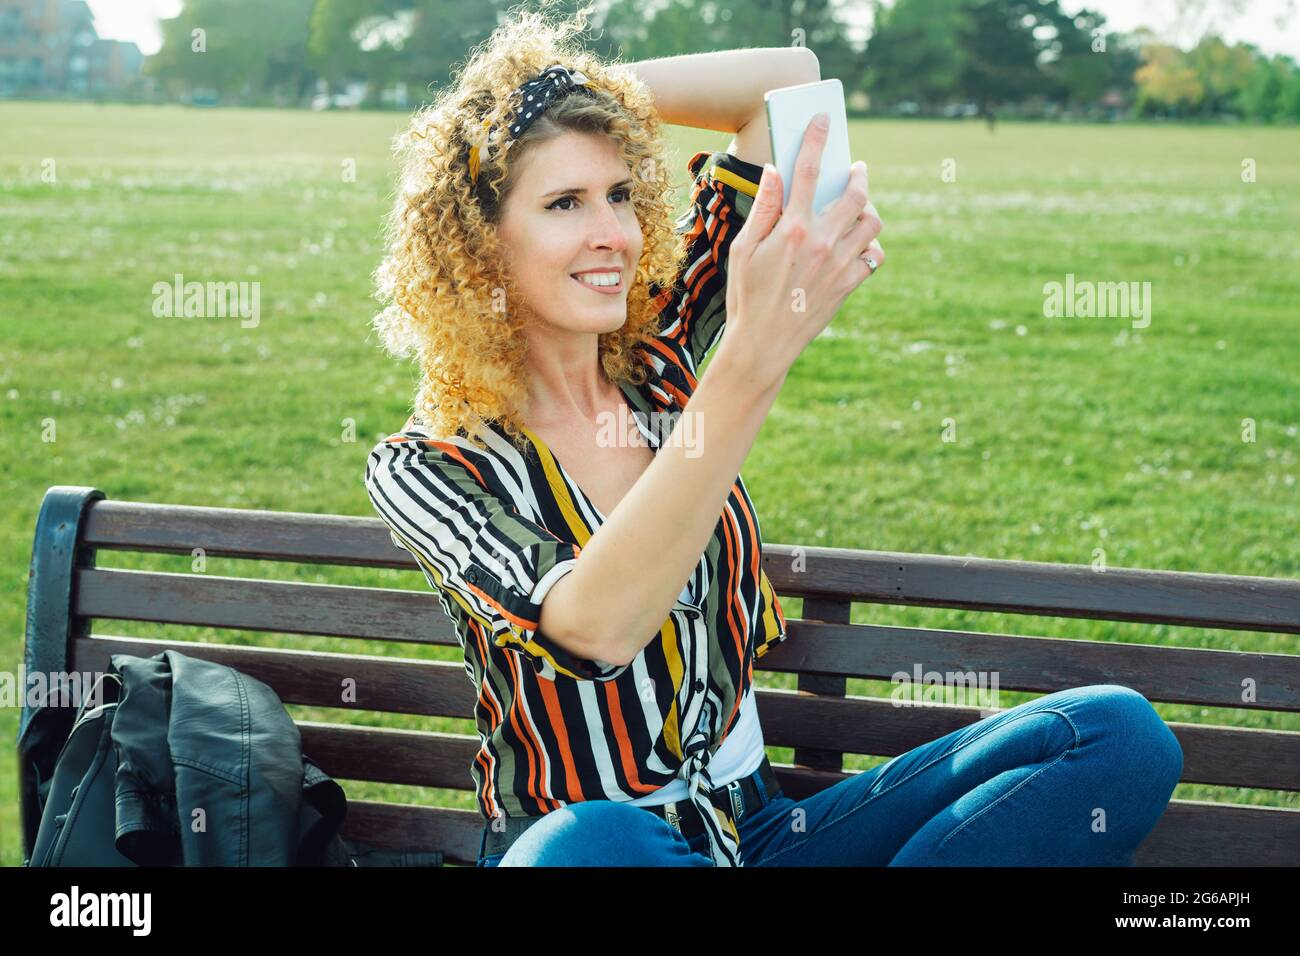 Une femme qui fait des photos de selfie sur un téléphone portable. Élégante femme souriante en chemise multicolore à rayures, posant sur le fond de la loi verte Banque D'Images